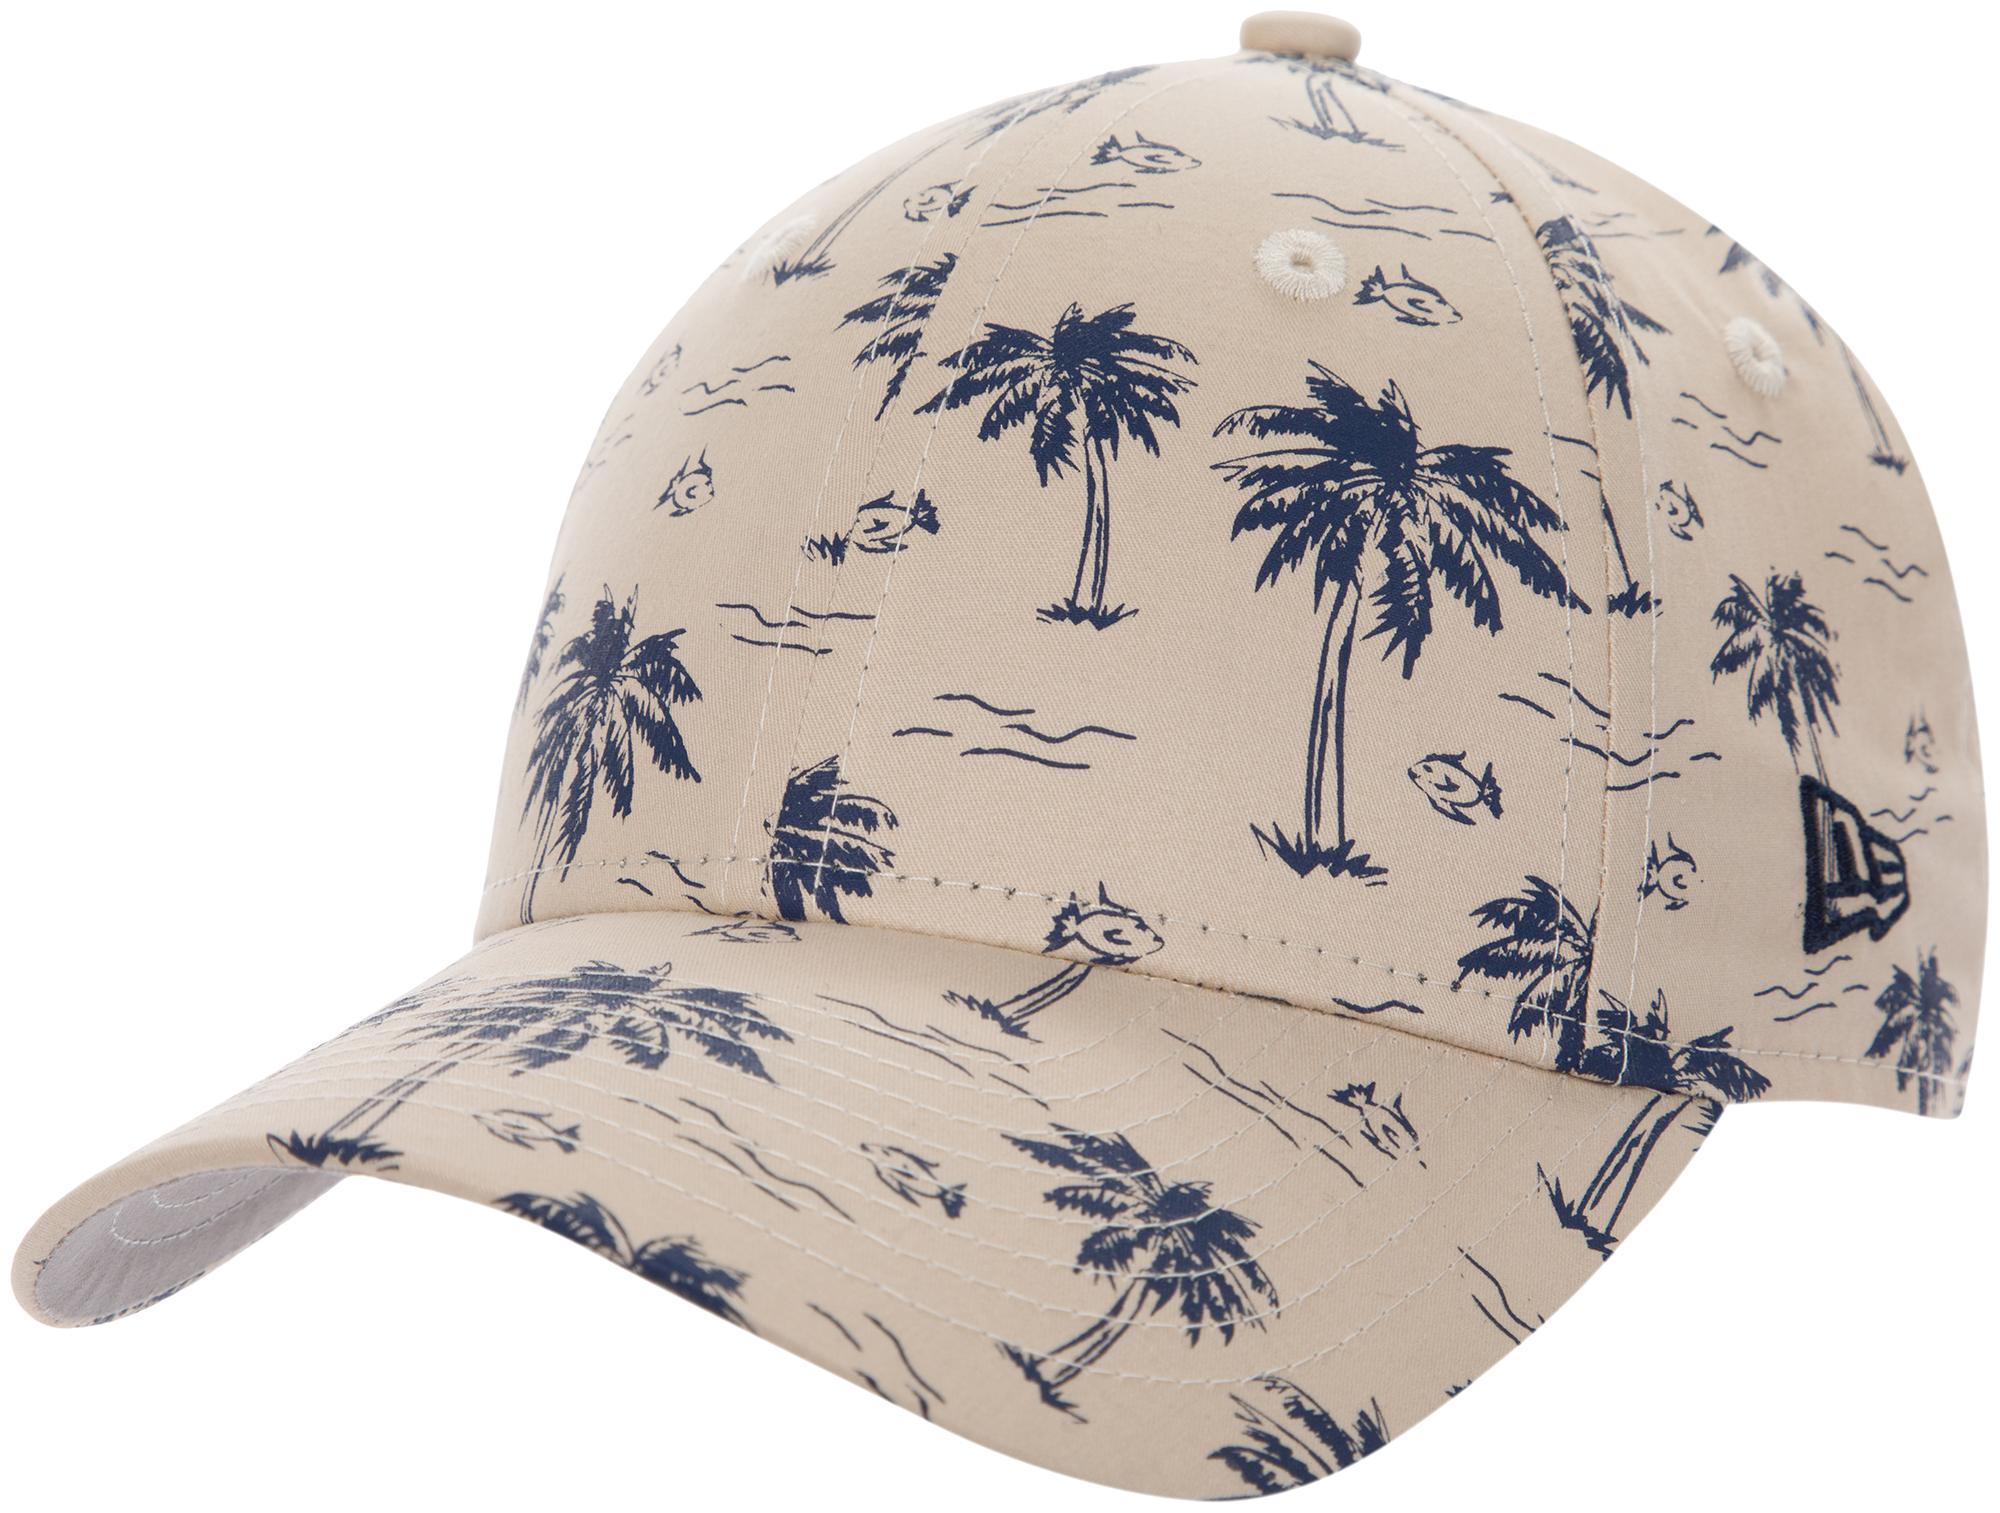 New Era Бейсболка для мальчиков New Era AOP 940, размер 54-55 new era шапка для мальчиков new era ne cuff pom размер 54 55